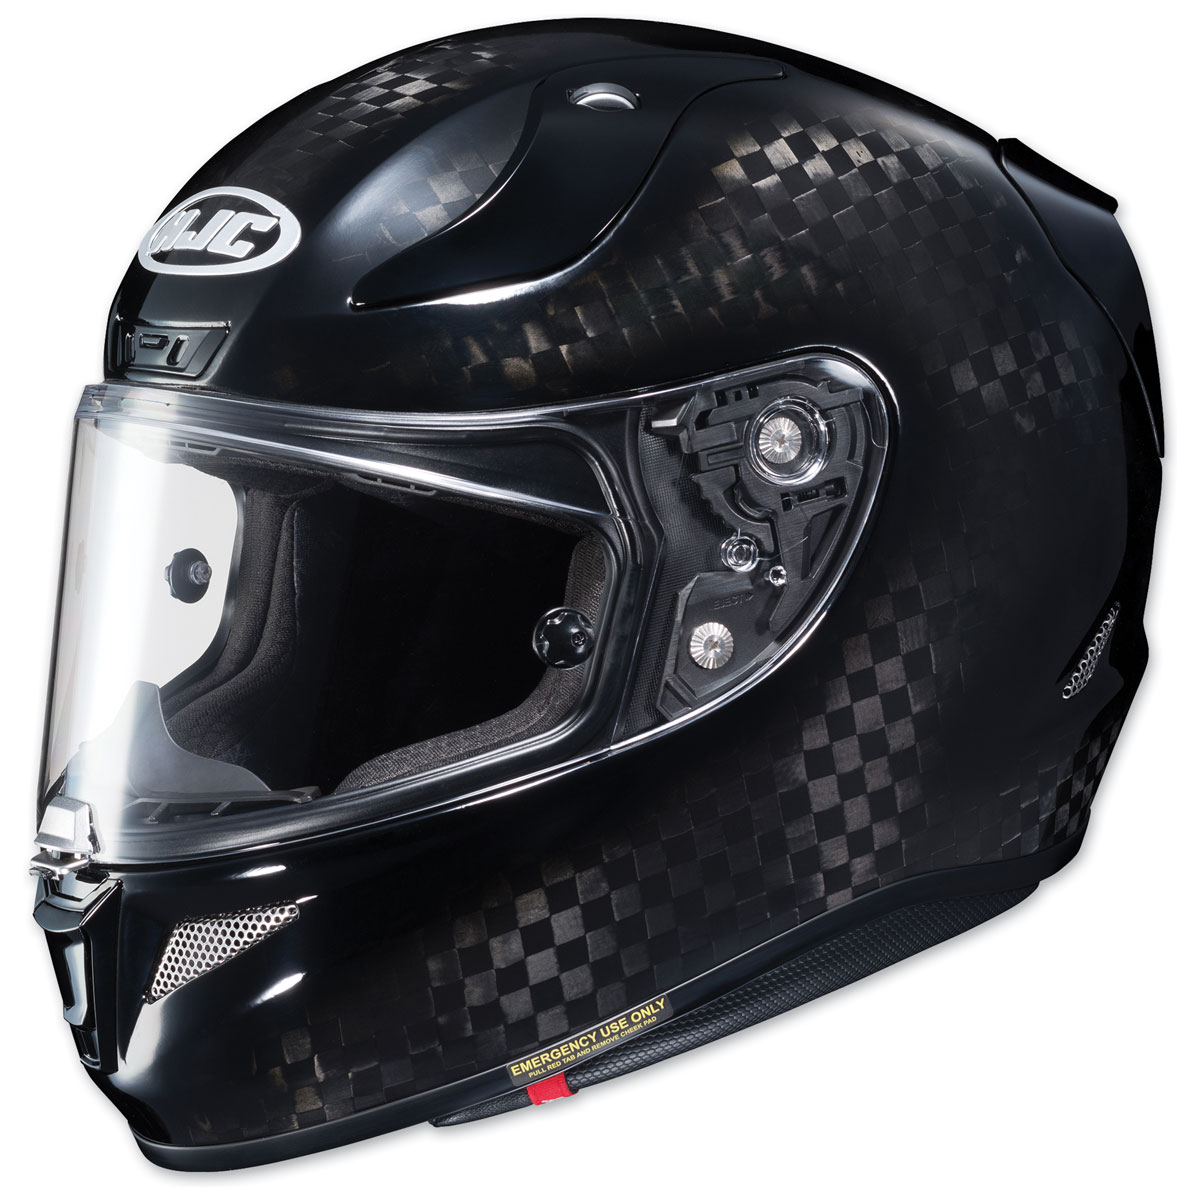 HJC RPHA 11 Pro Carbon Fiber Full Face Helmet